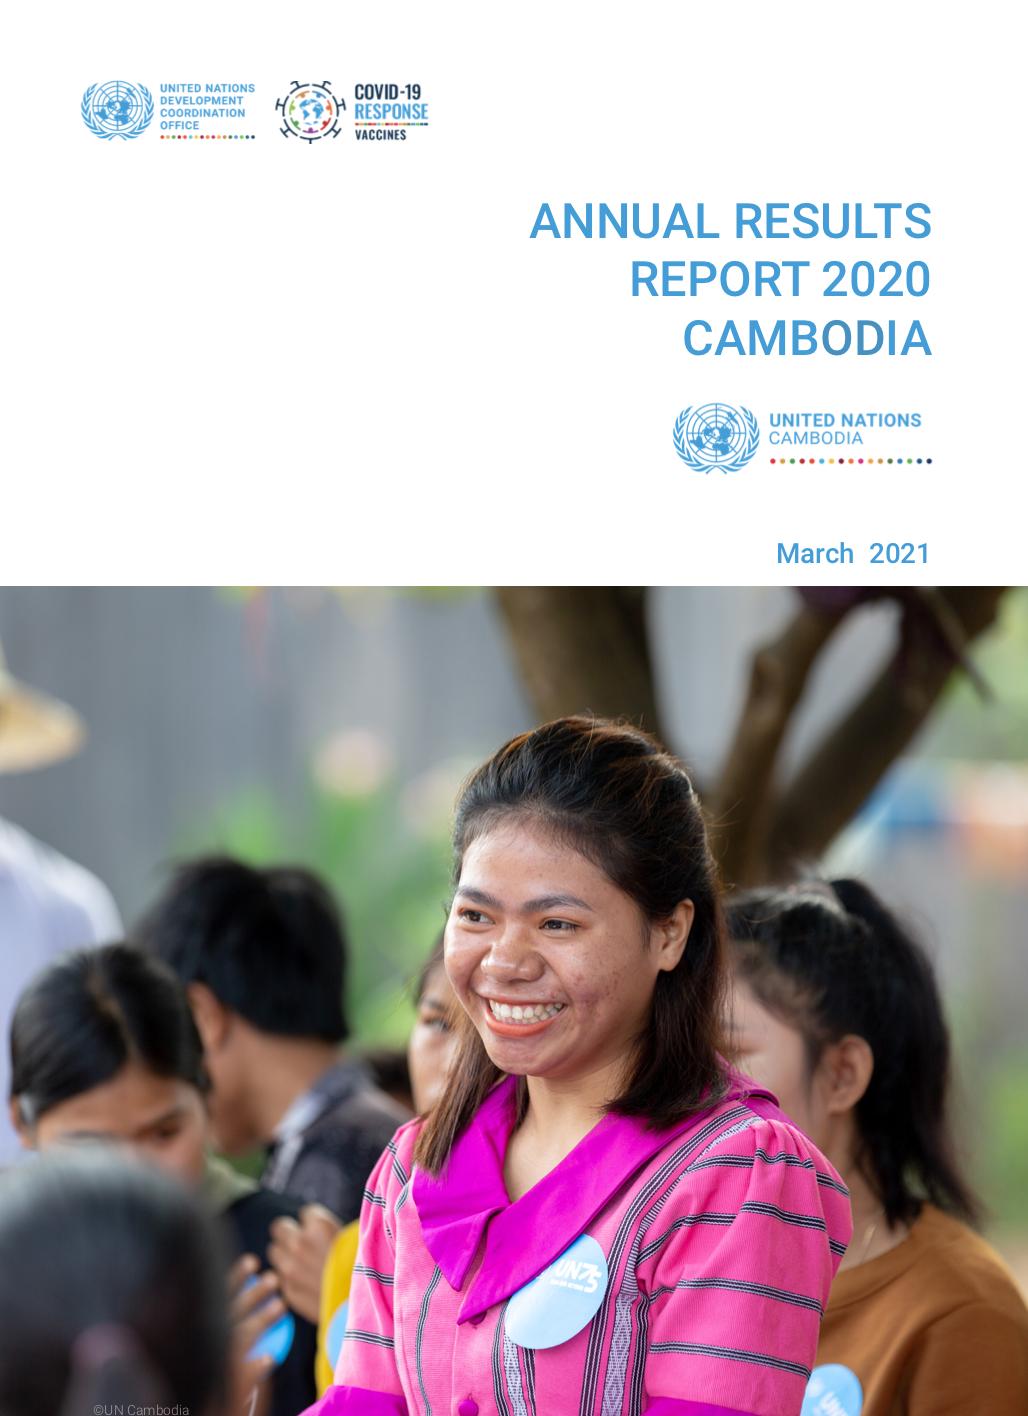 Annual Results Report 2020 Cambodia